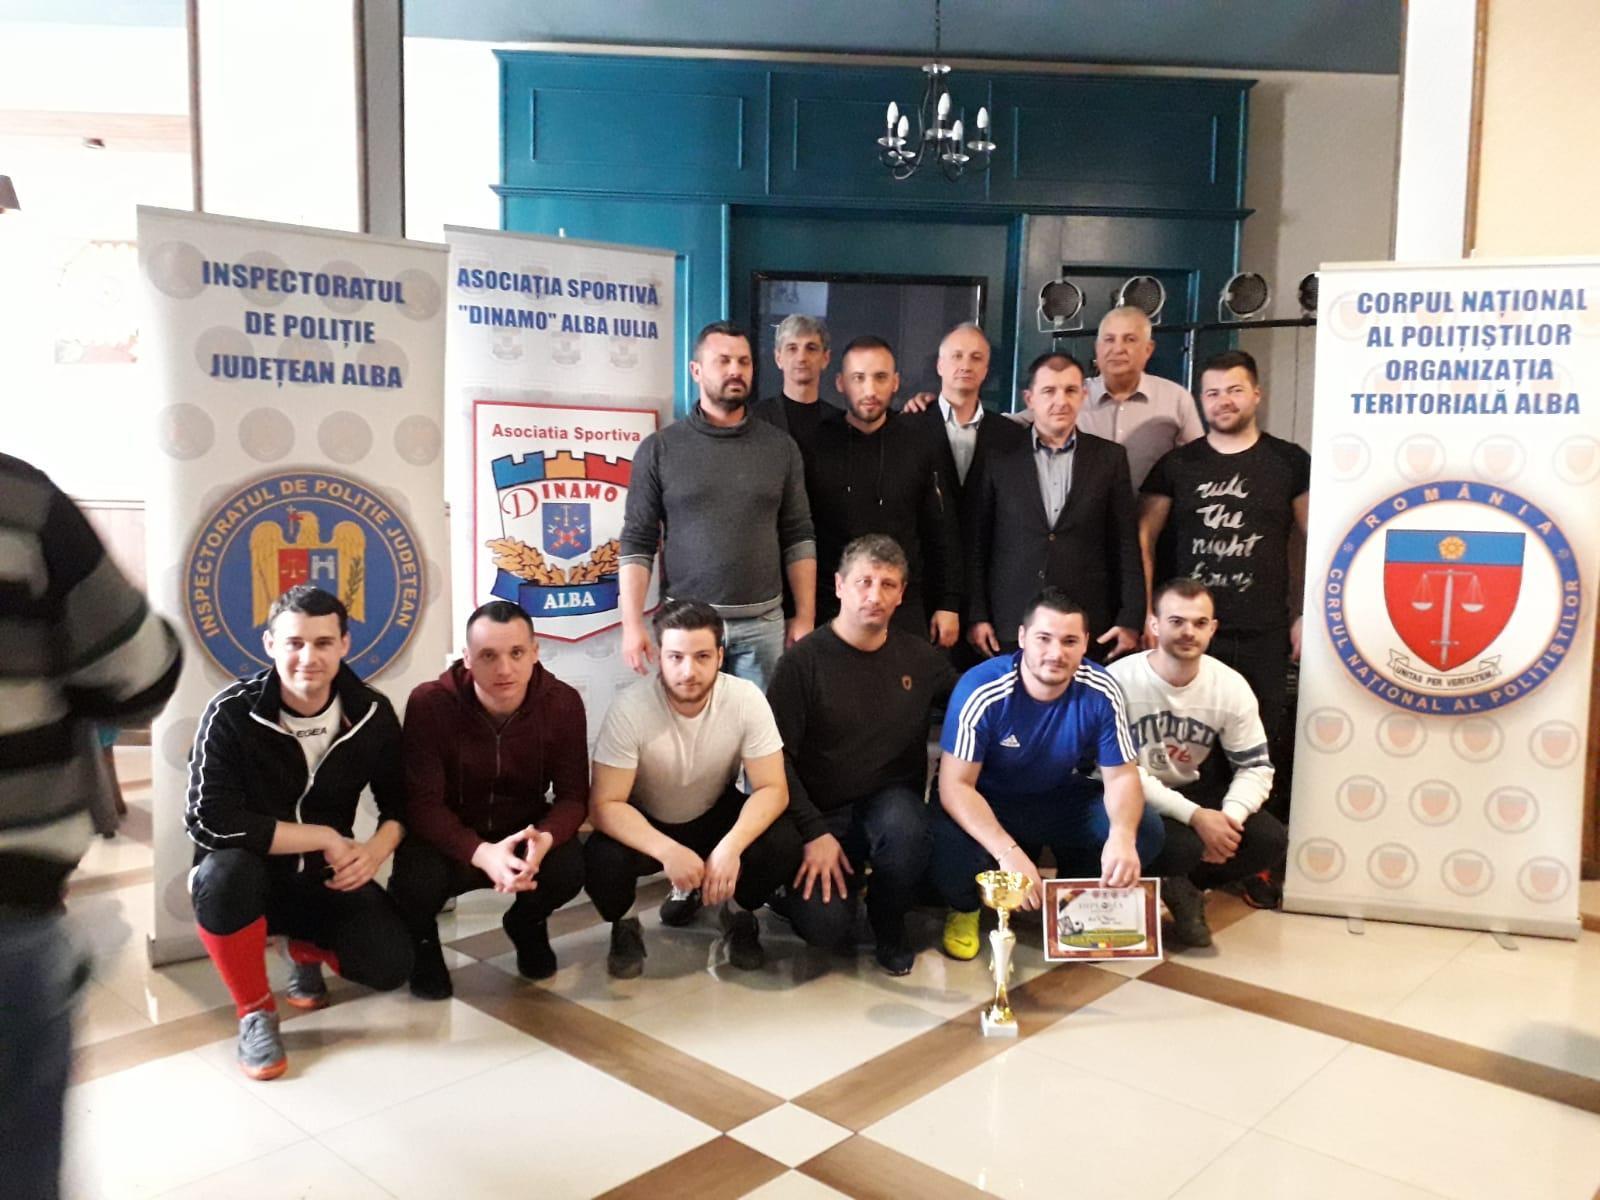 Foto: Poliţiştii de investigaţii criminale din Alba Iulia, cei mai buni fotbaliști din cadrul IPJ